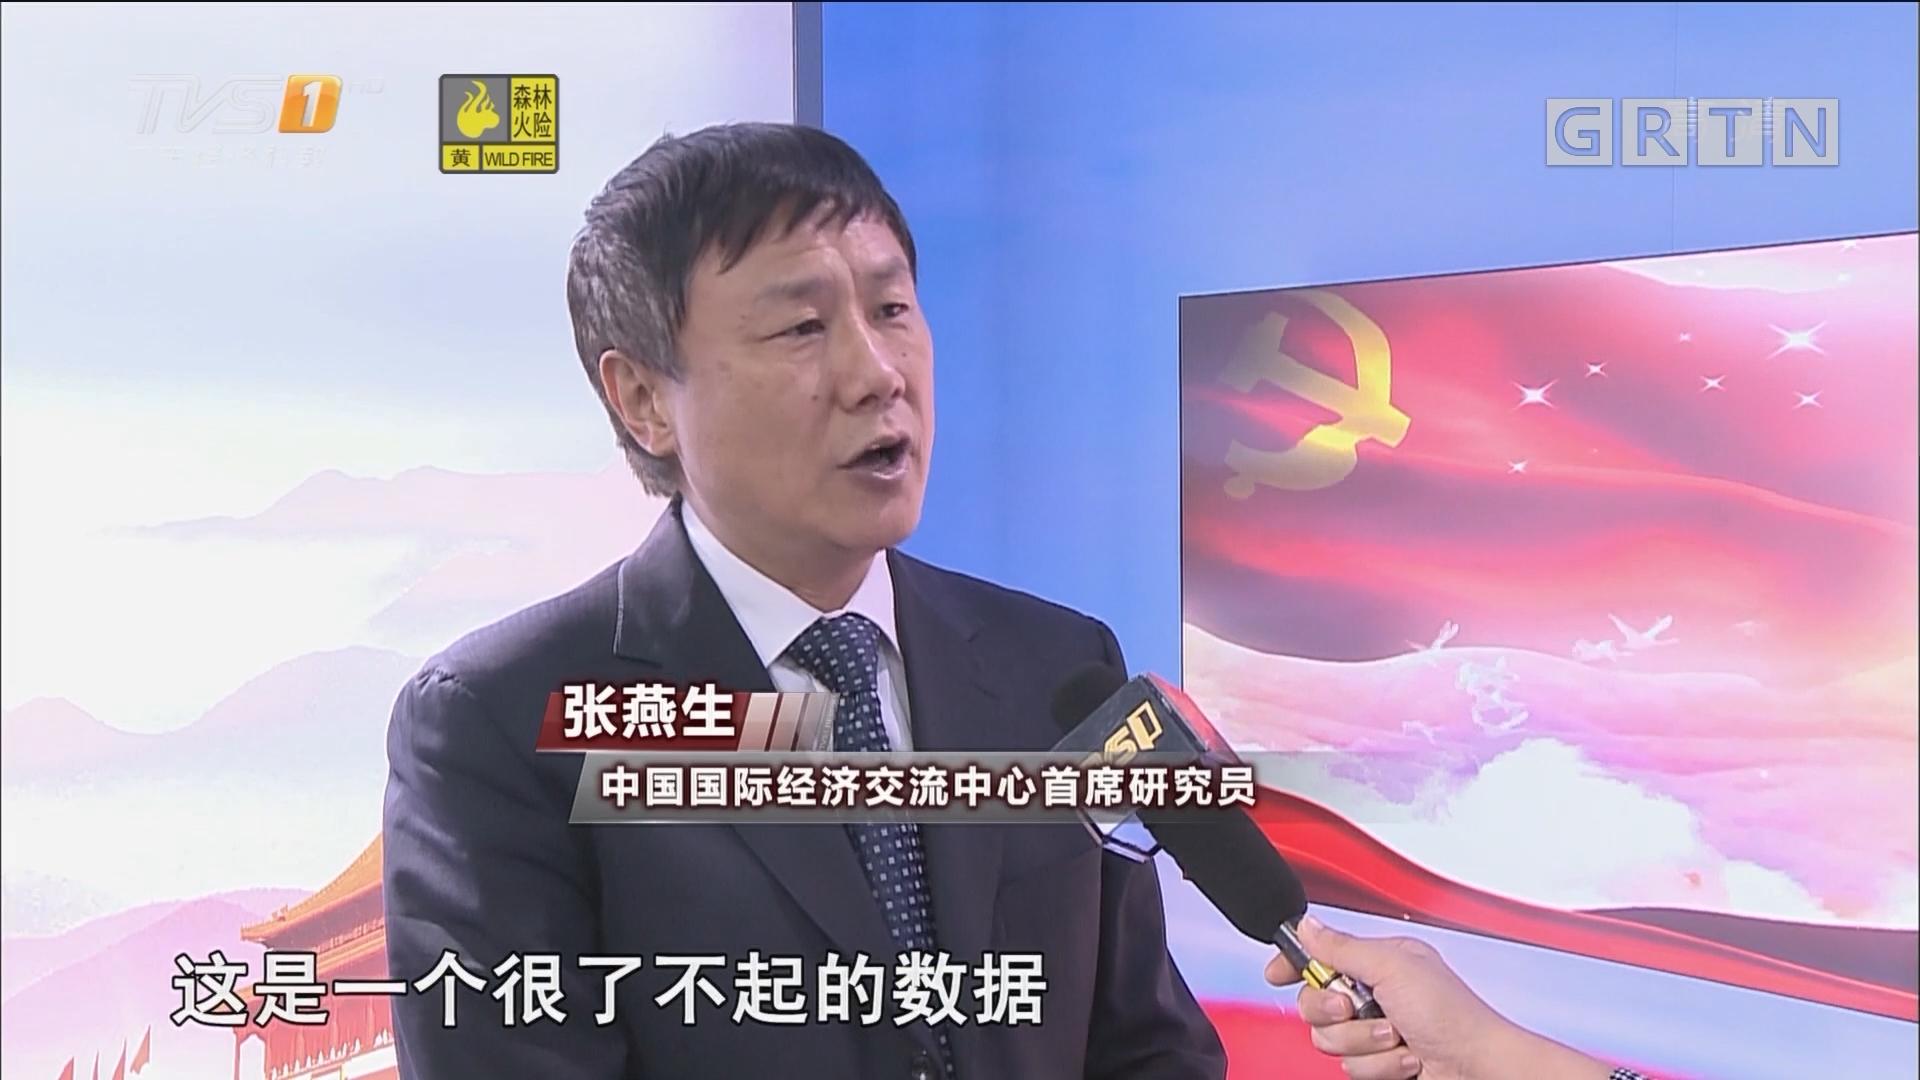 十九大时光:对话中国国际经济交流中心首席研究员张燕生 创新驱动 提升粤港澳大湾区核心竞争力